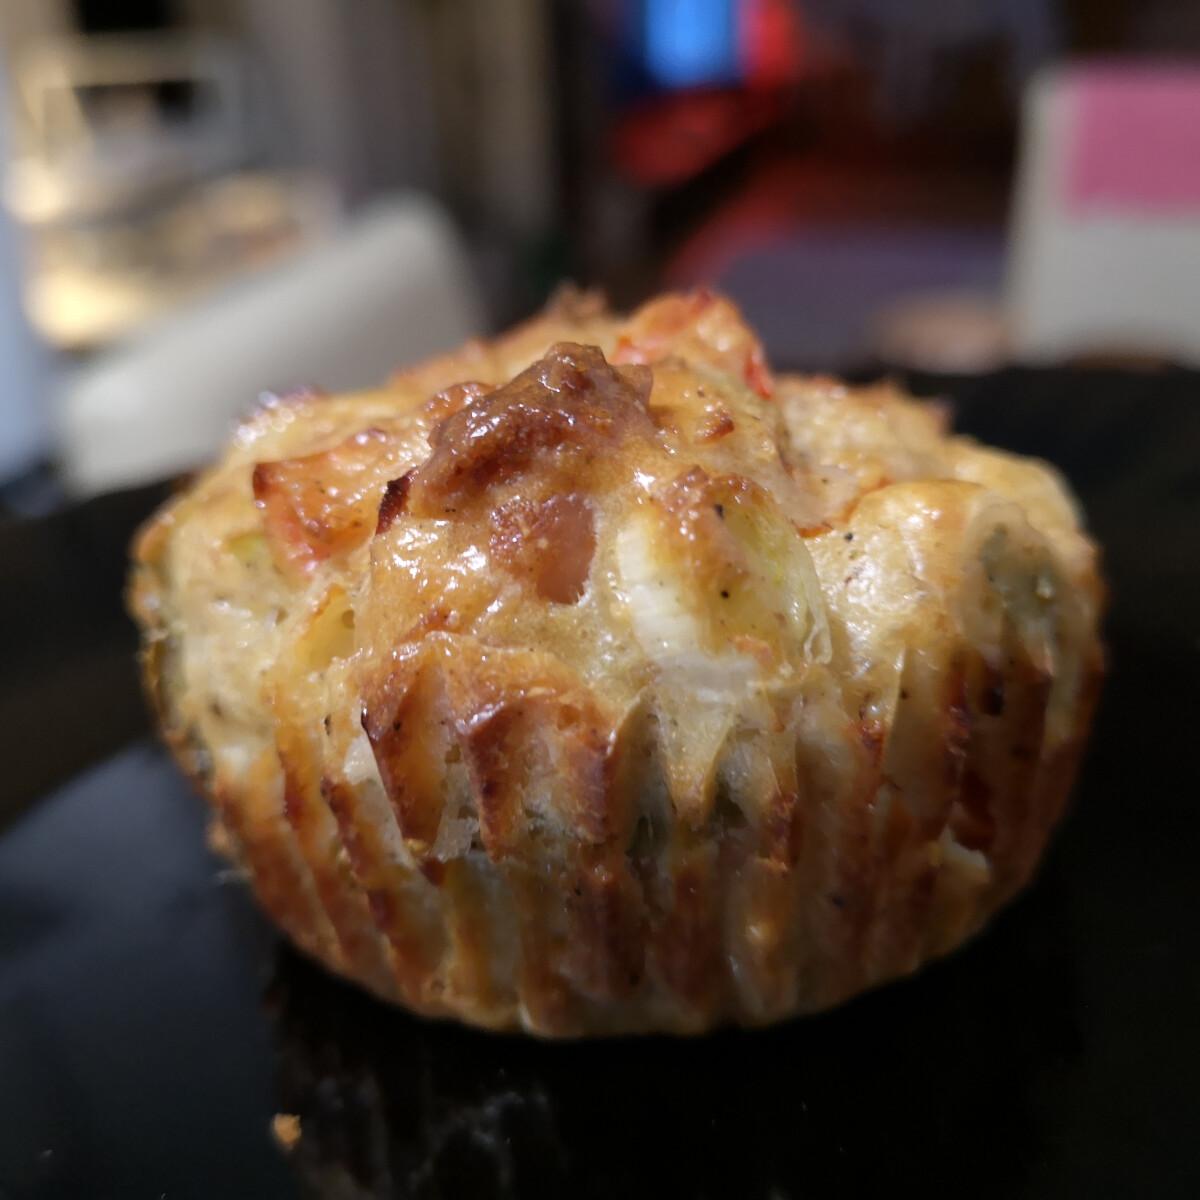 Pizza-muffin